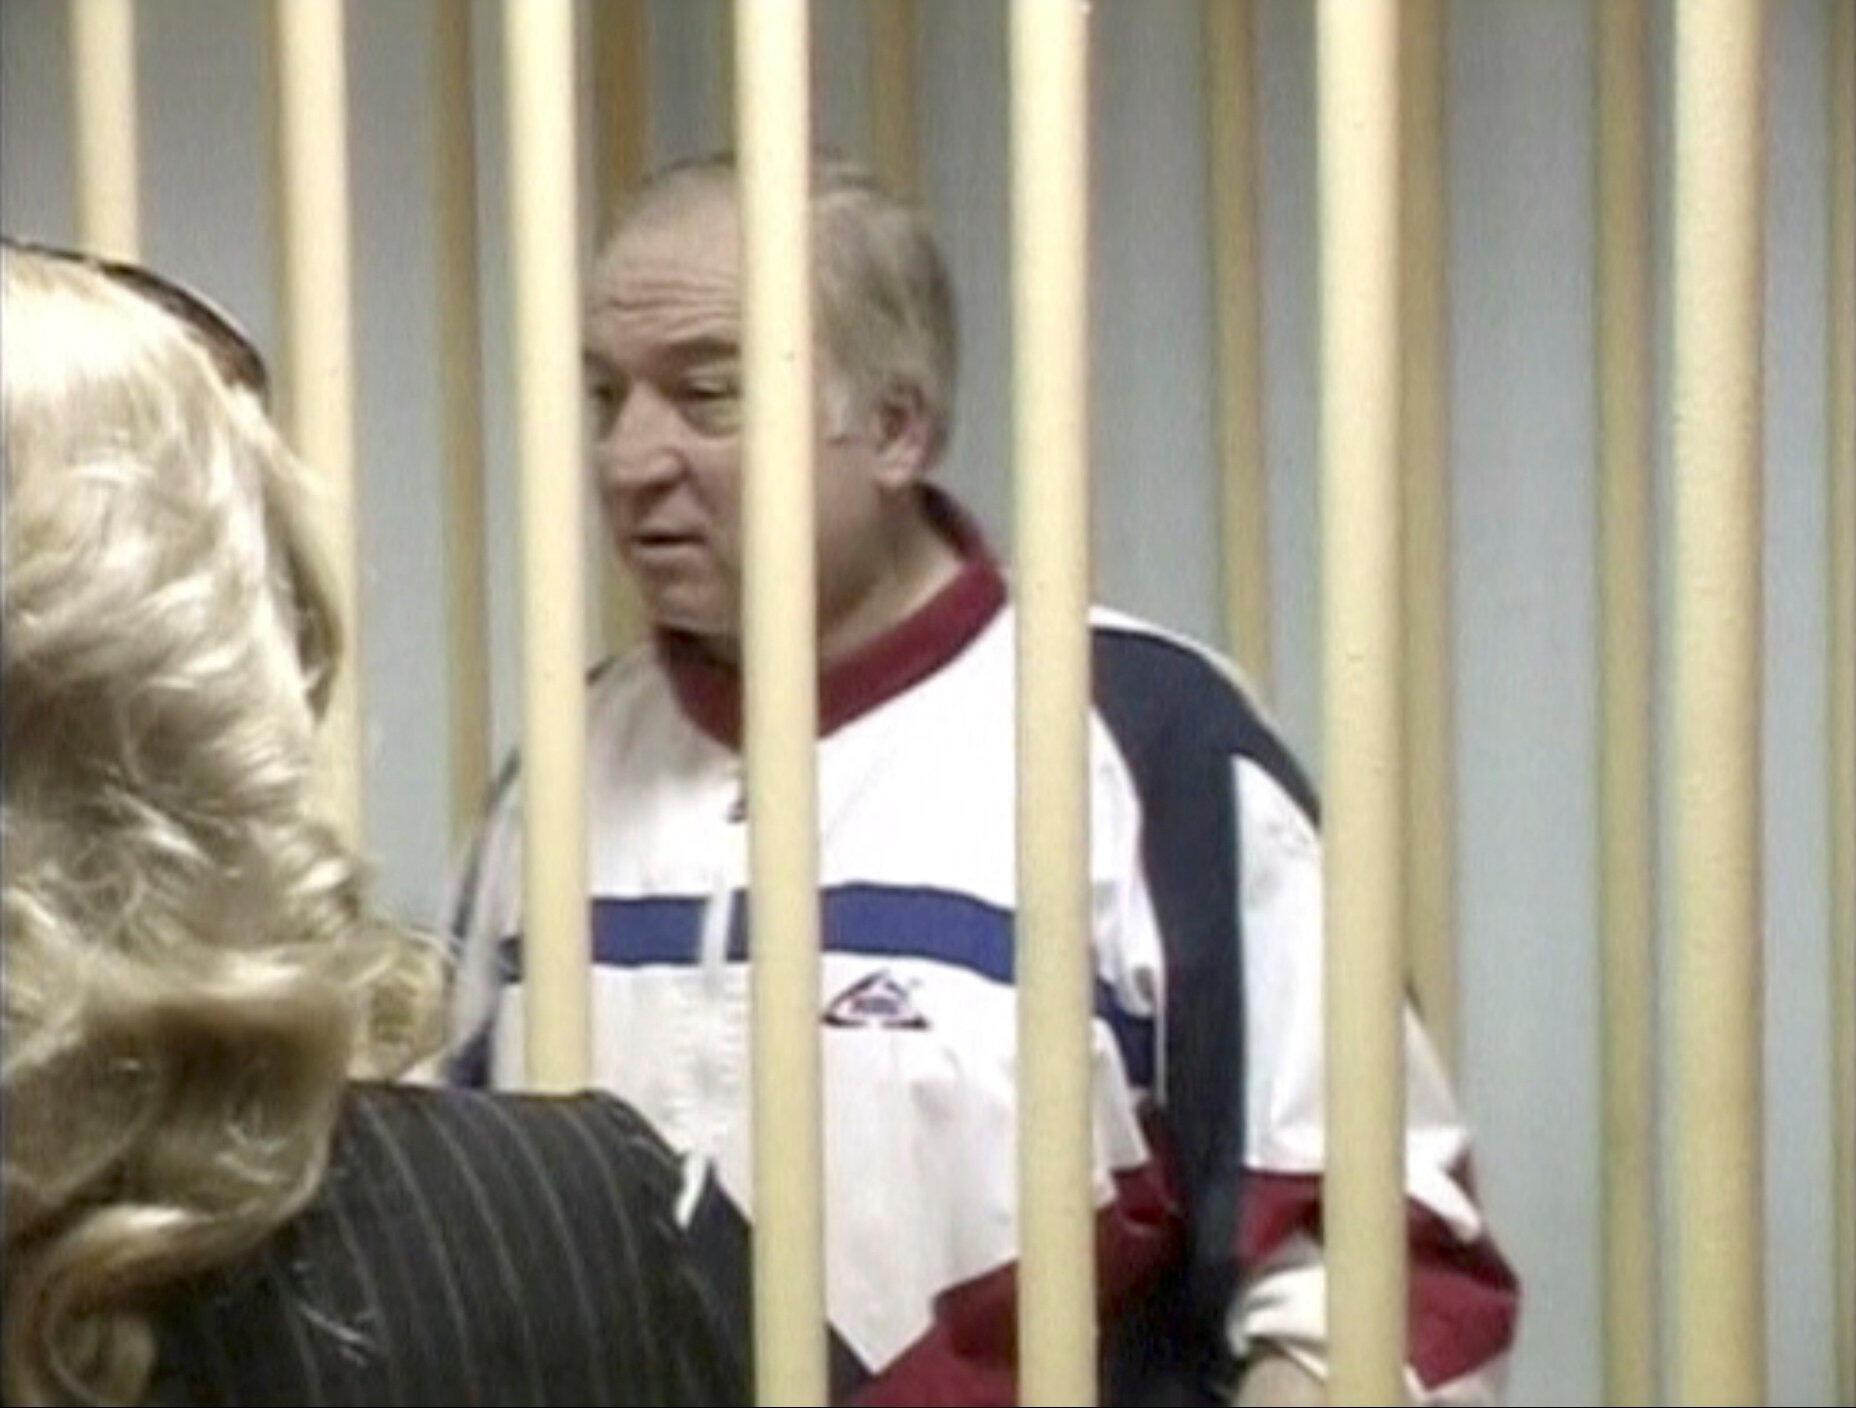 Captura de vídeo mostra Sergei Skripal, ex-coronel do serviço de inteligência militar GRU da Rússia, durante audiência no tribunal do distrito militar de Moscou, Rússia, 9 de agosto de 2006.